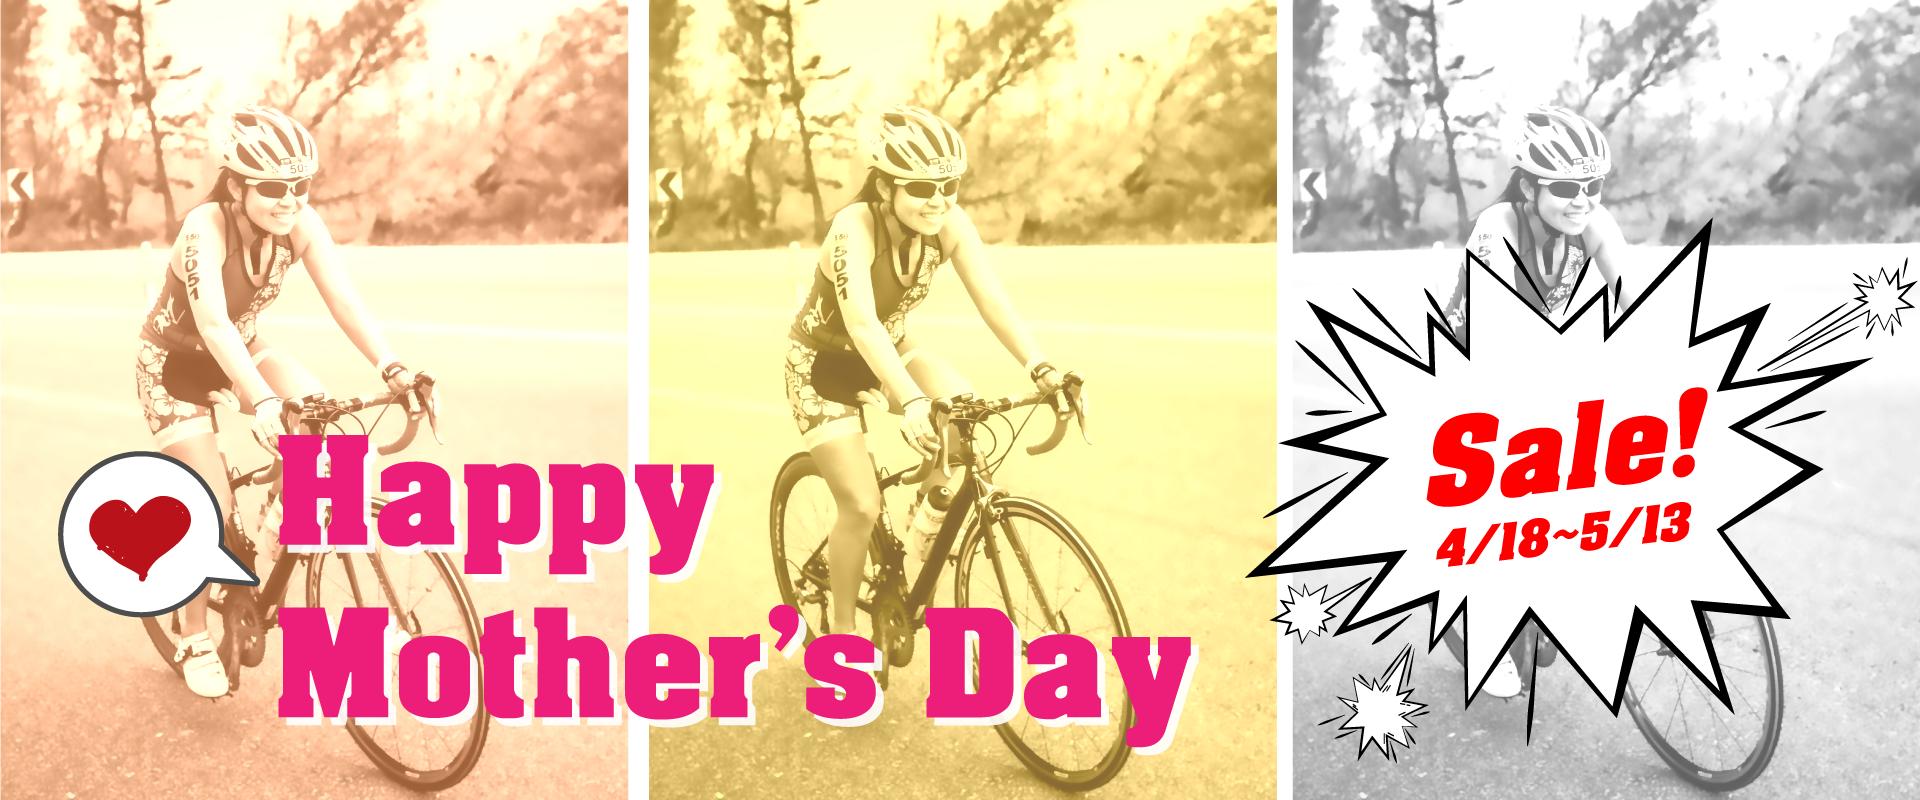 葡萄糖,勁元素,淨極勁,運動補給,母親節,禮物